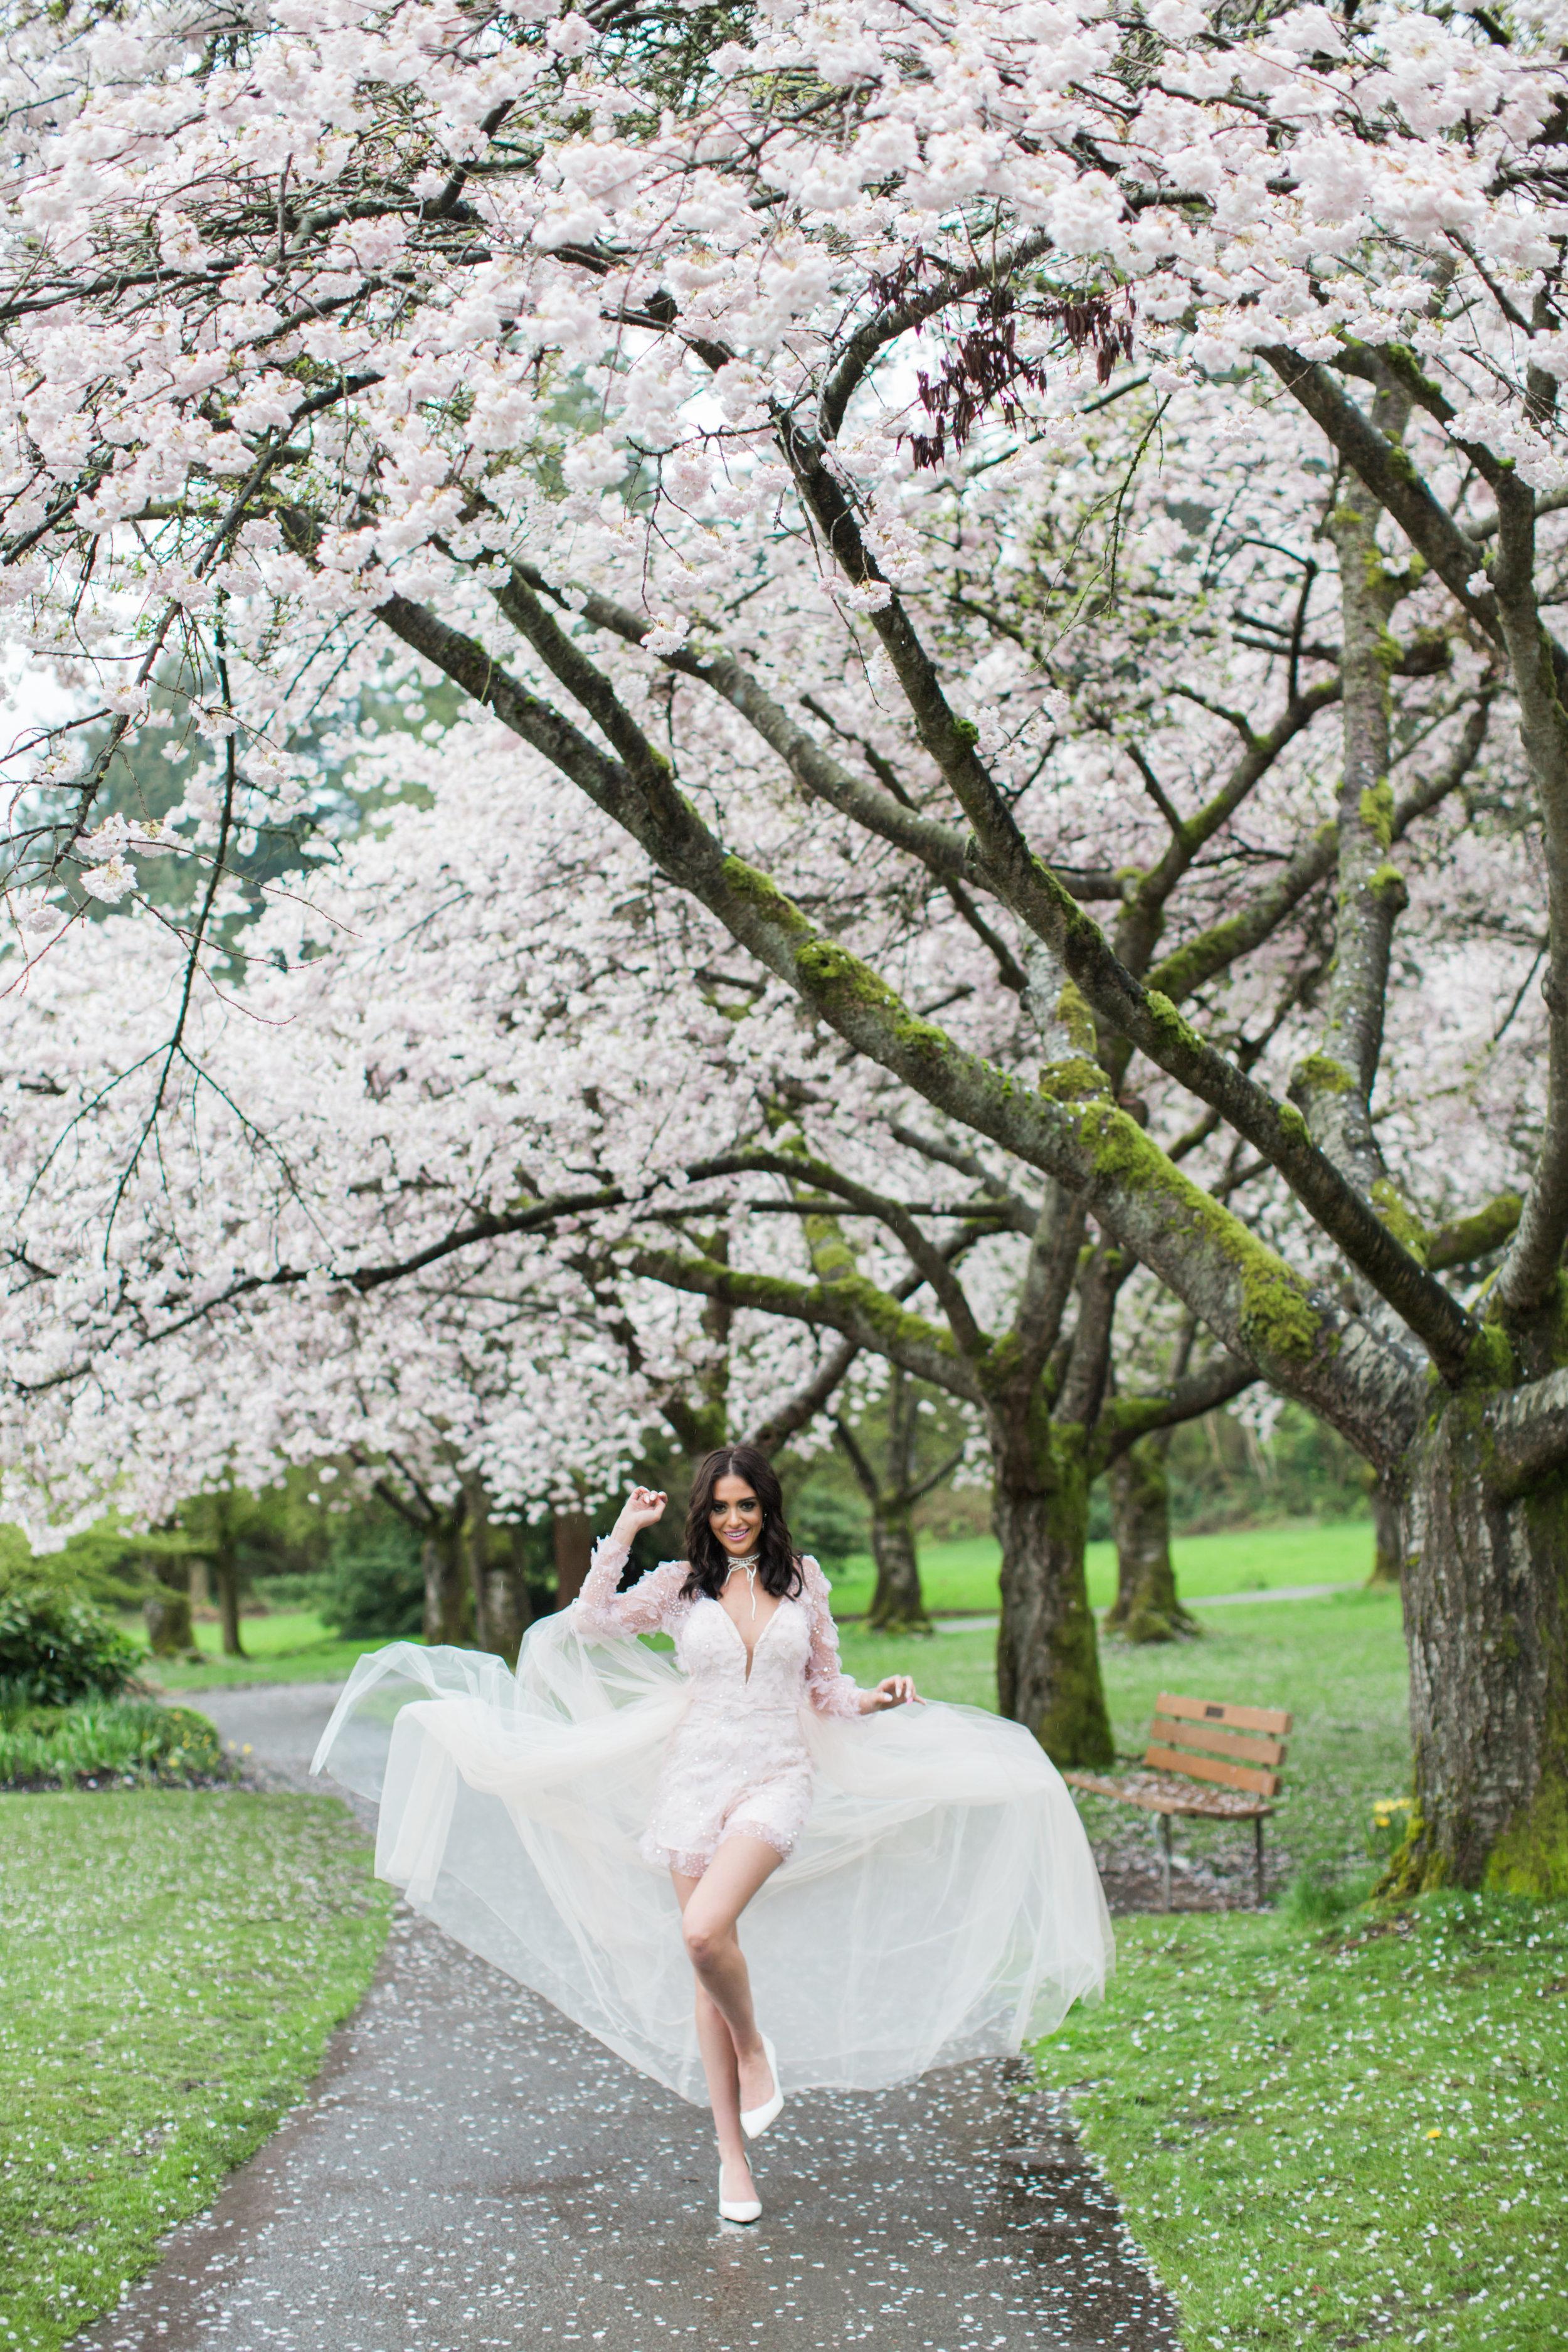 Cherry Blossom Photoshoot, Denise Lin, Elsa Corsi